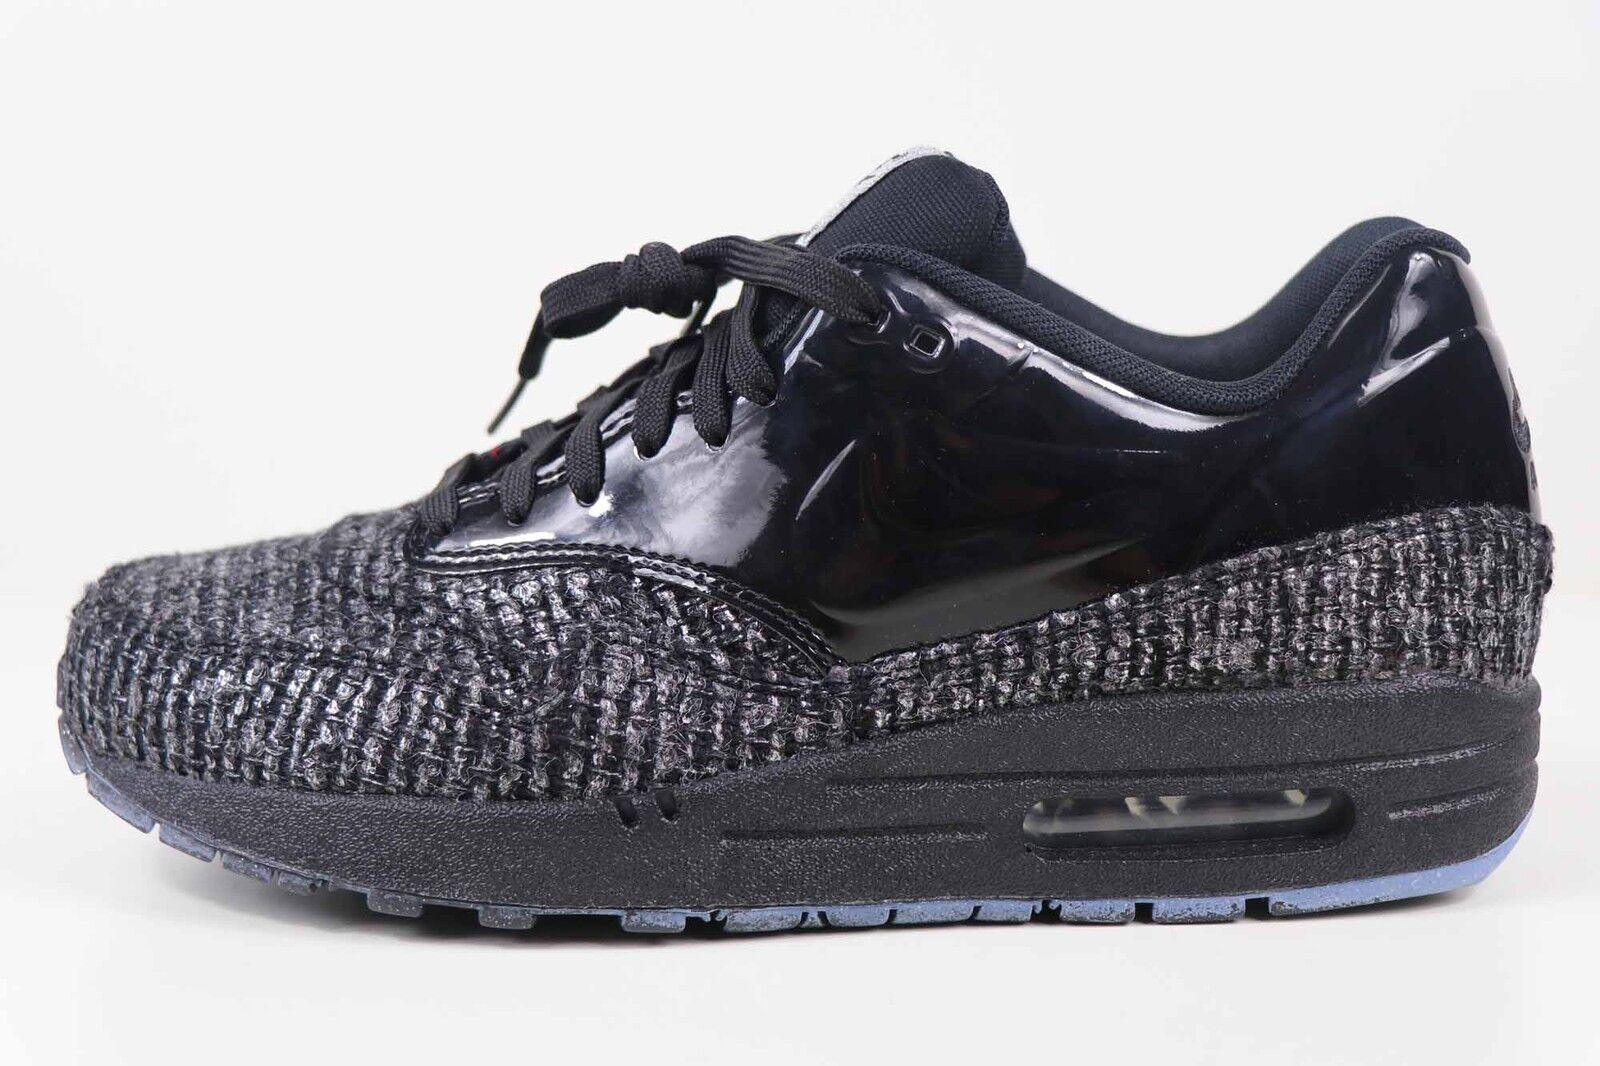 Nike Womens Air Max 1 VT QS Black Metallic Silver 615868 002 Size 9.5